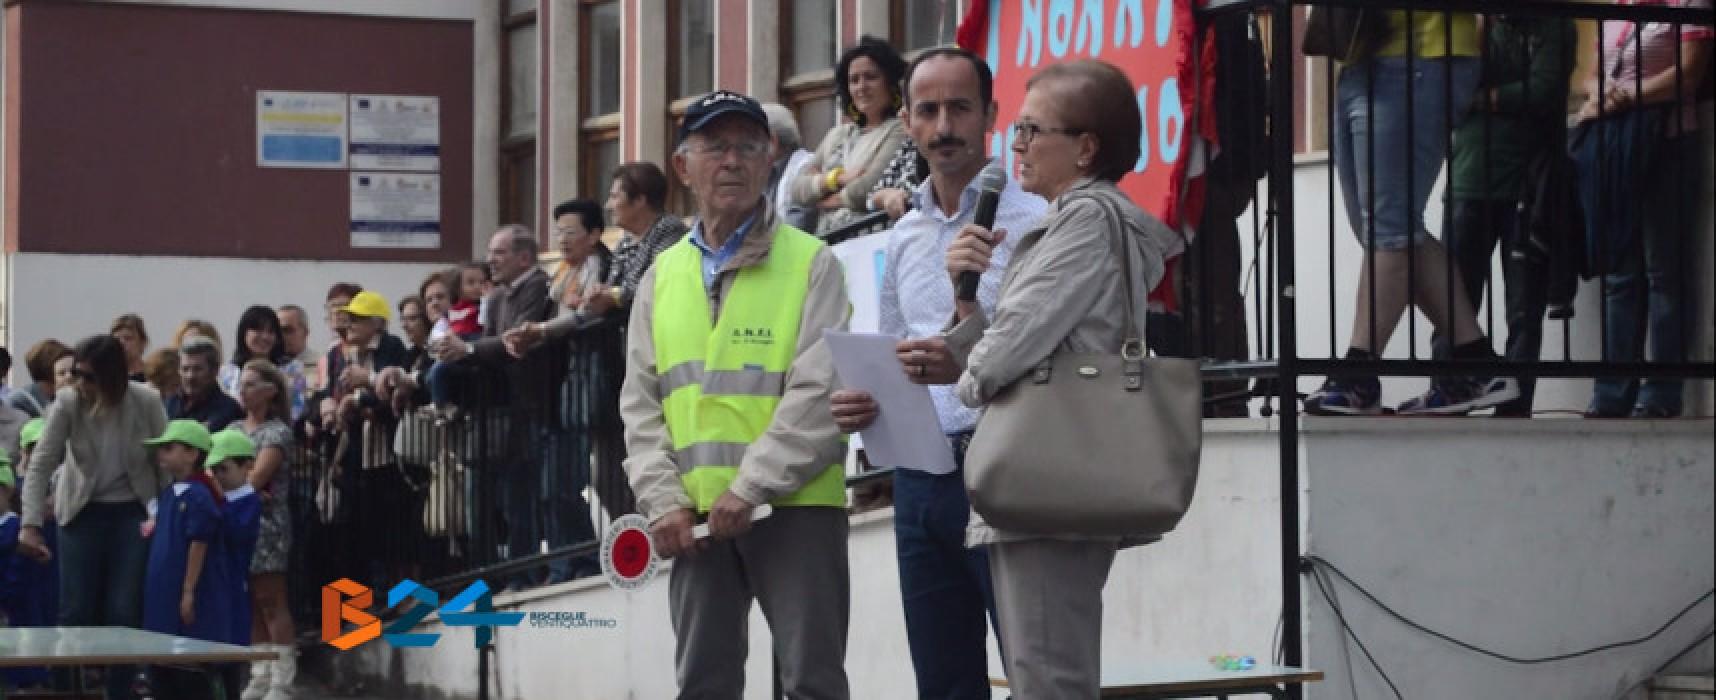 La Festa dei nonni iniziativa a cura del terzo circolo San Giovanni Bosco / VIDEO